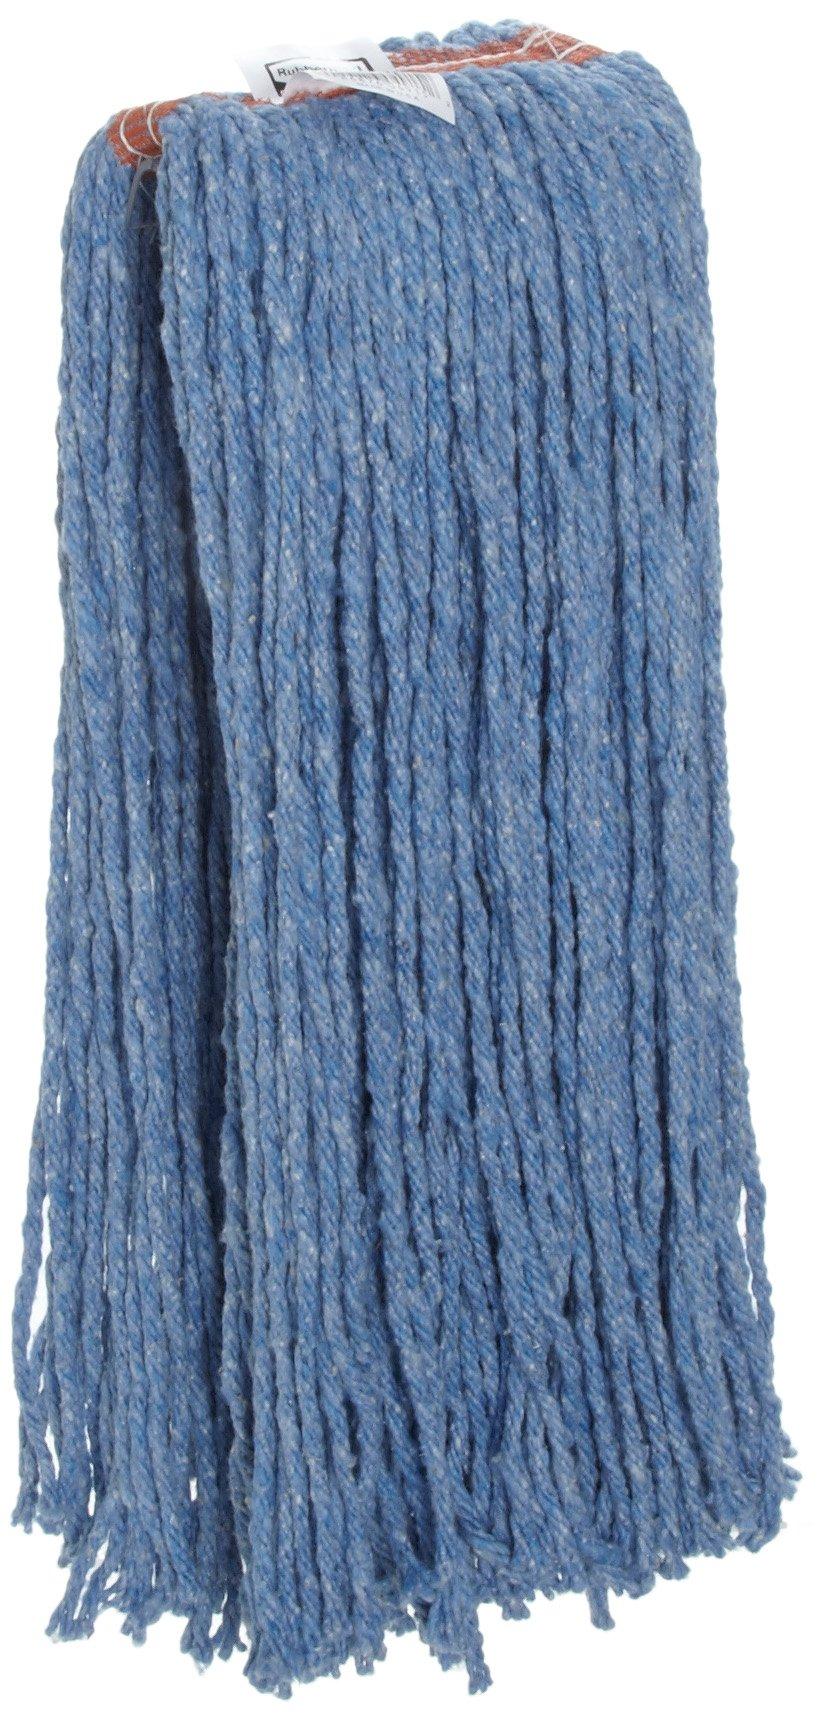 Rubbermaid Commercial Cut End Wet Mop Head, Blue (FGF51700BL00)